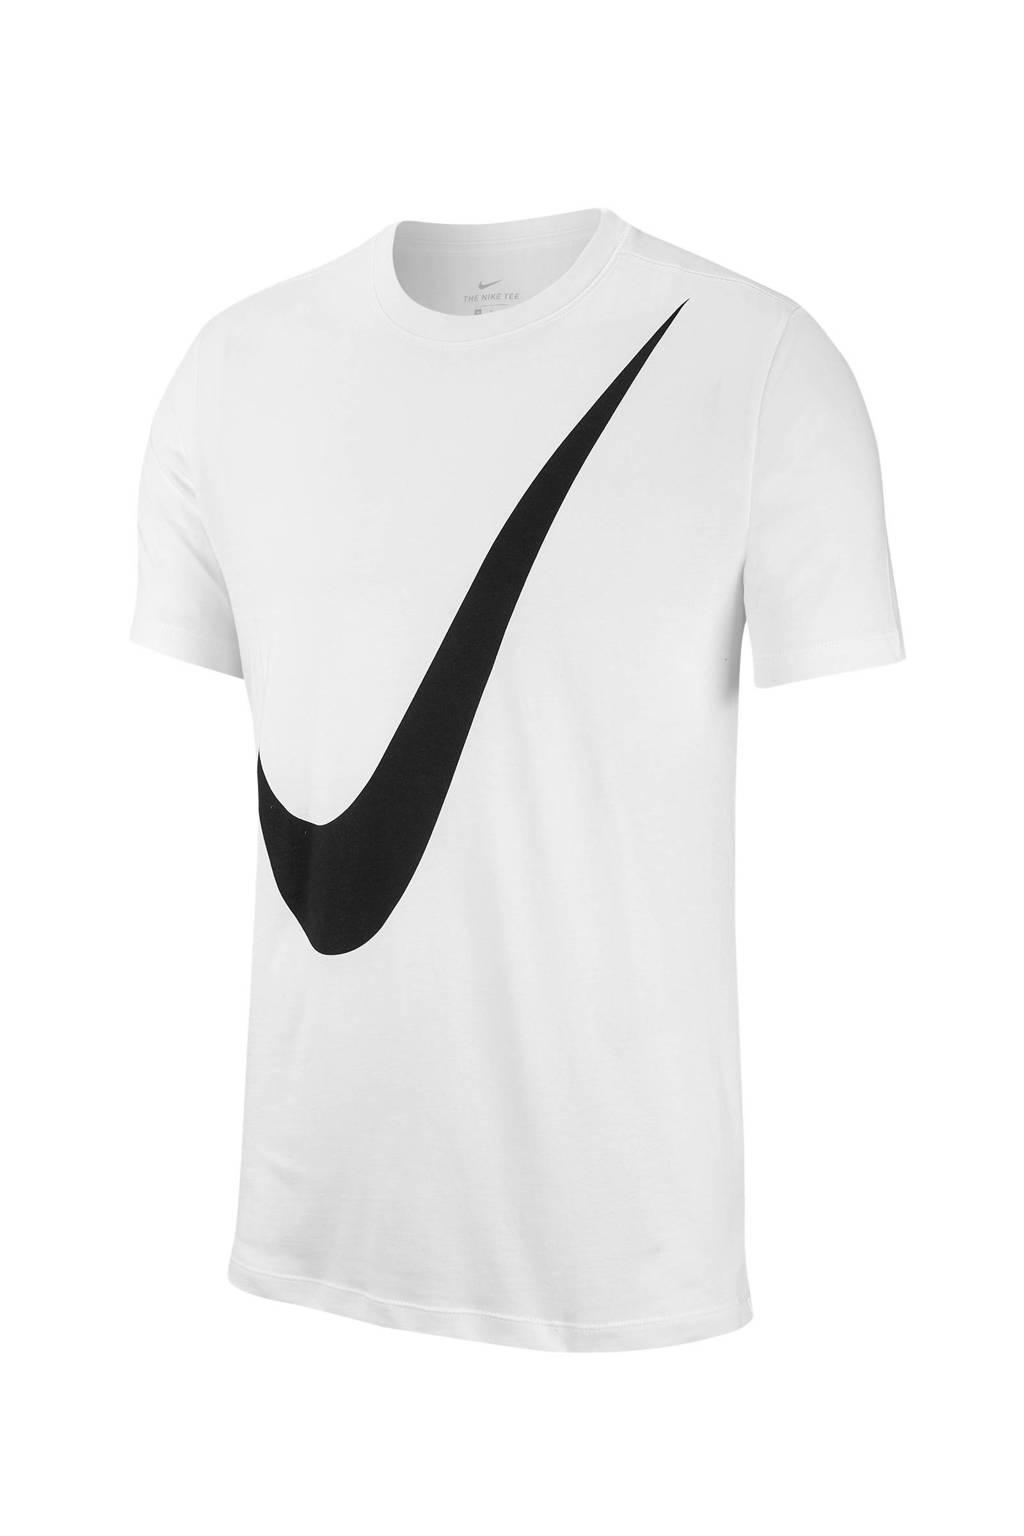 Nike   T-shirt wit/zwart, Wit/zwart